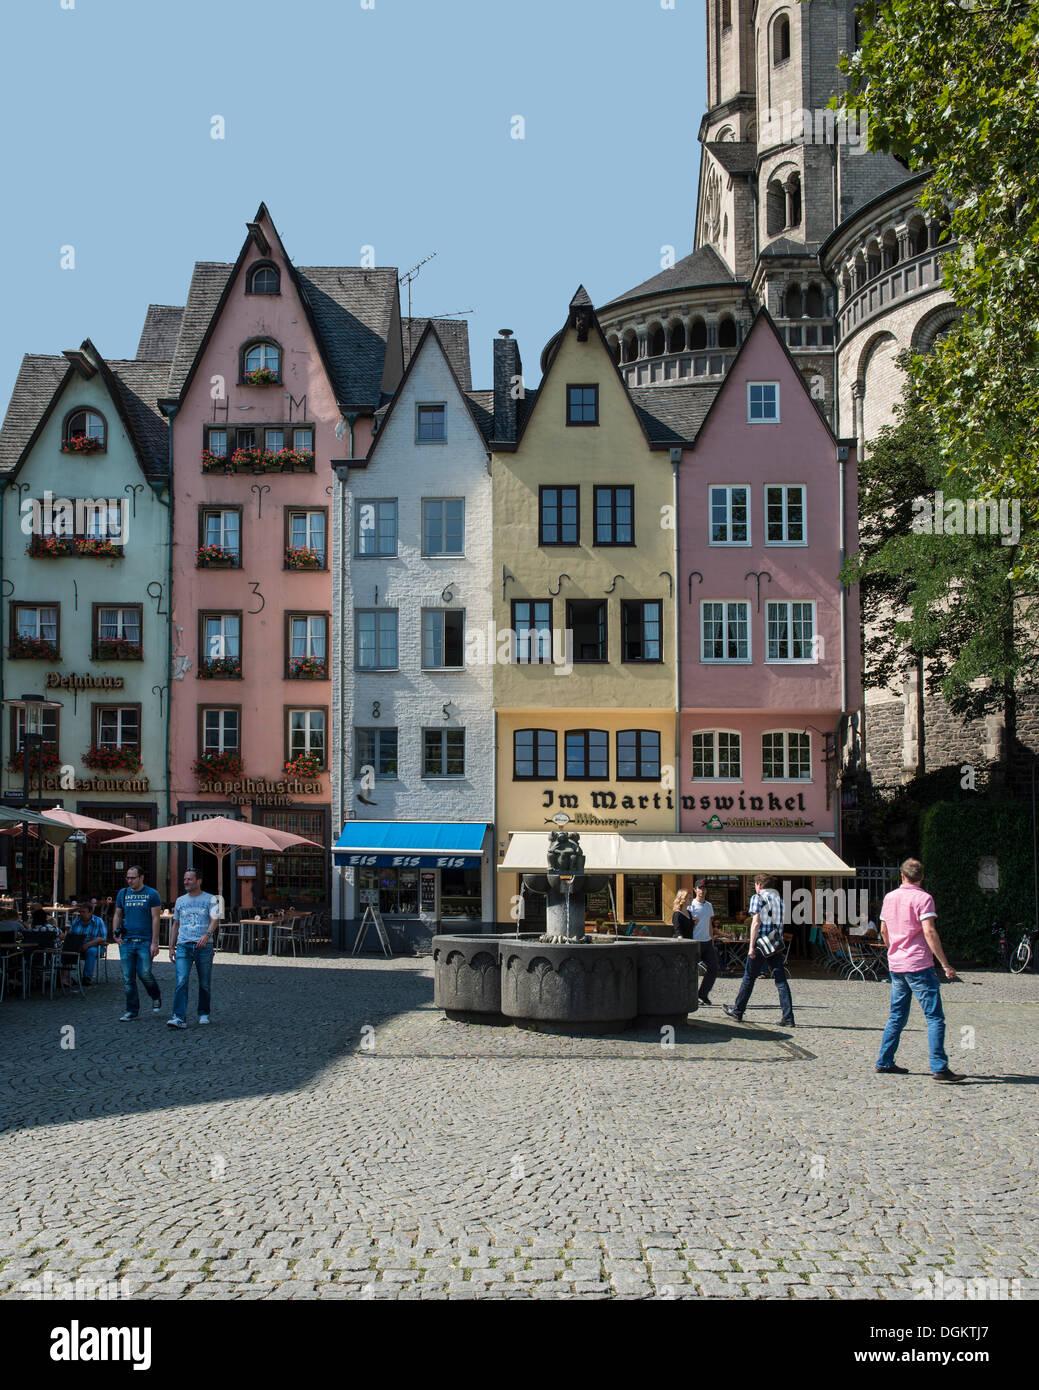 Hilera de coloridas casas en Martinswinkel, con la gran iglesia románica de San Martín en la parte trasera, Am Fischmarkt Imagen De Stock